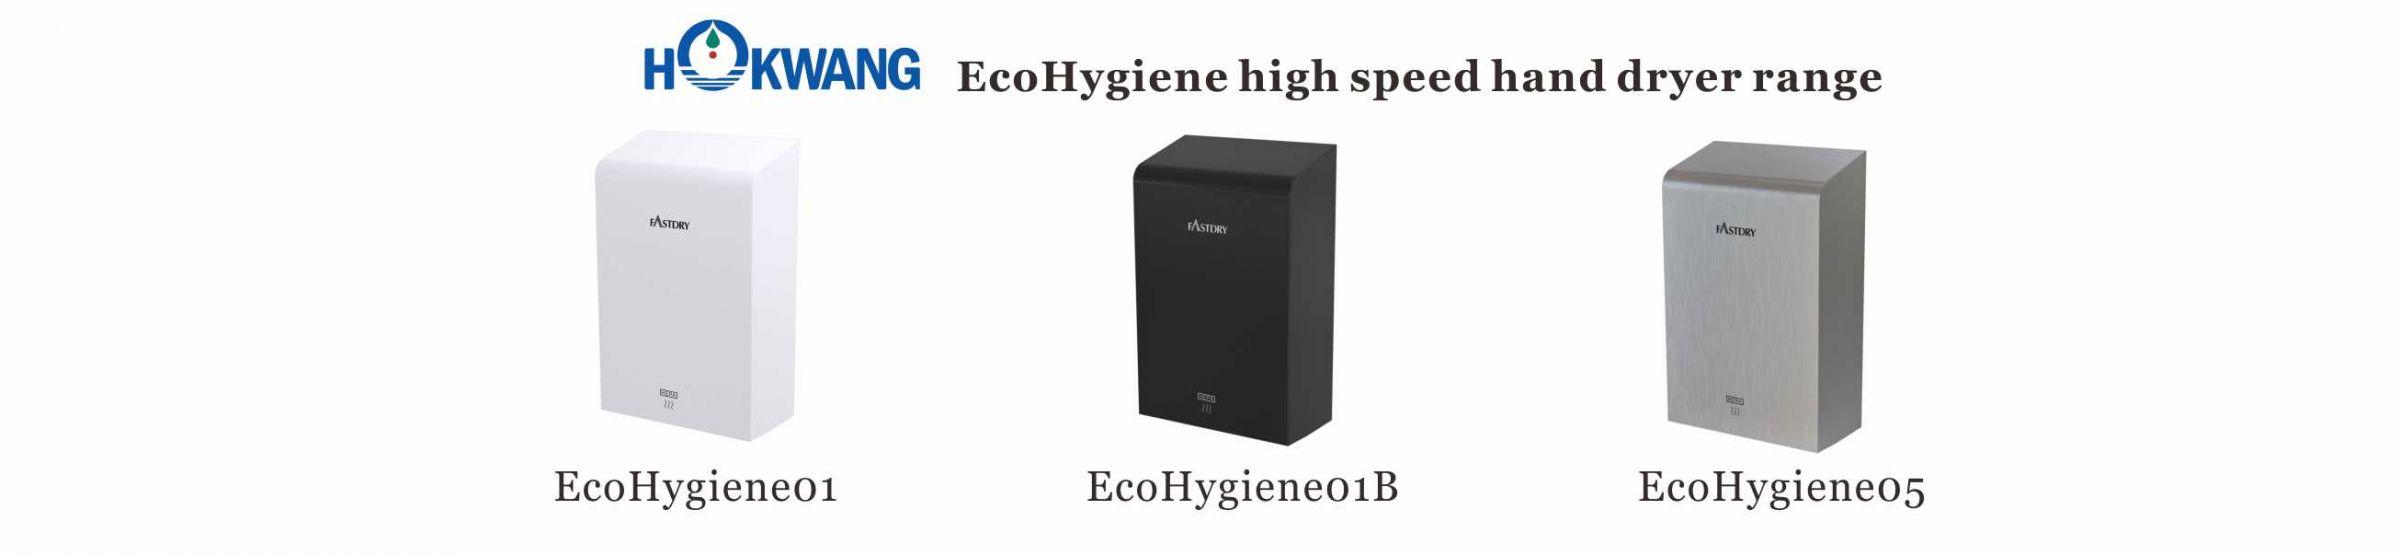 Pengering Tangan EcoHygiene Kecepatan Tinggi